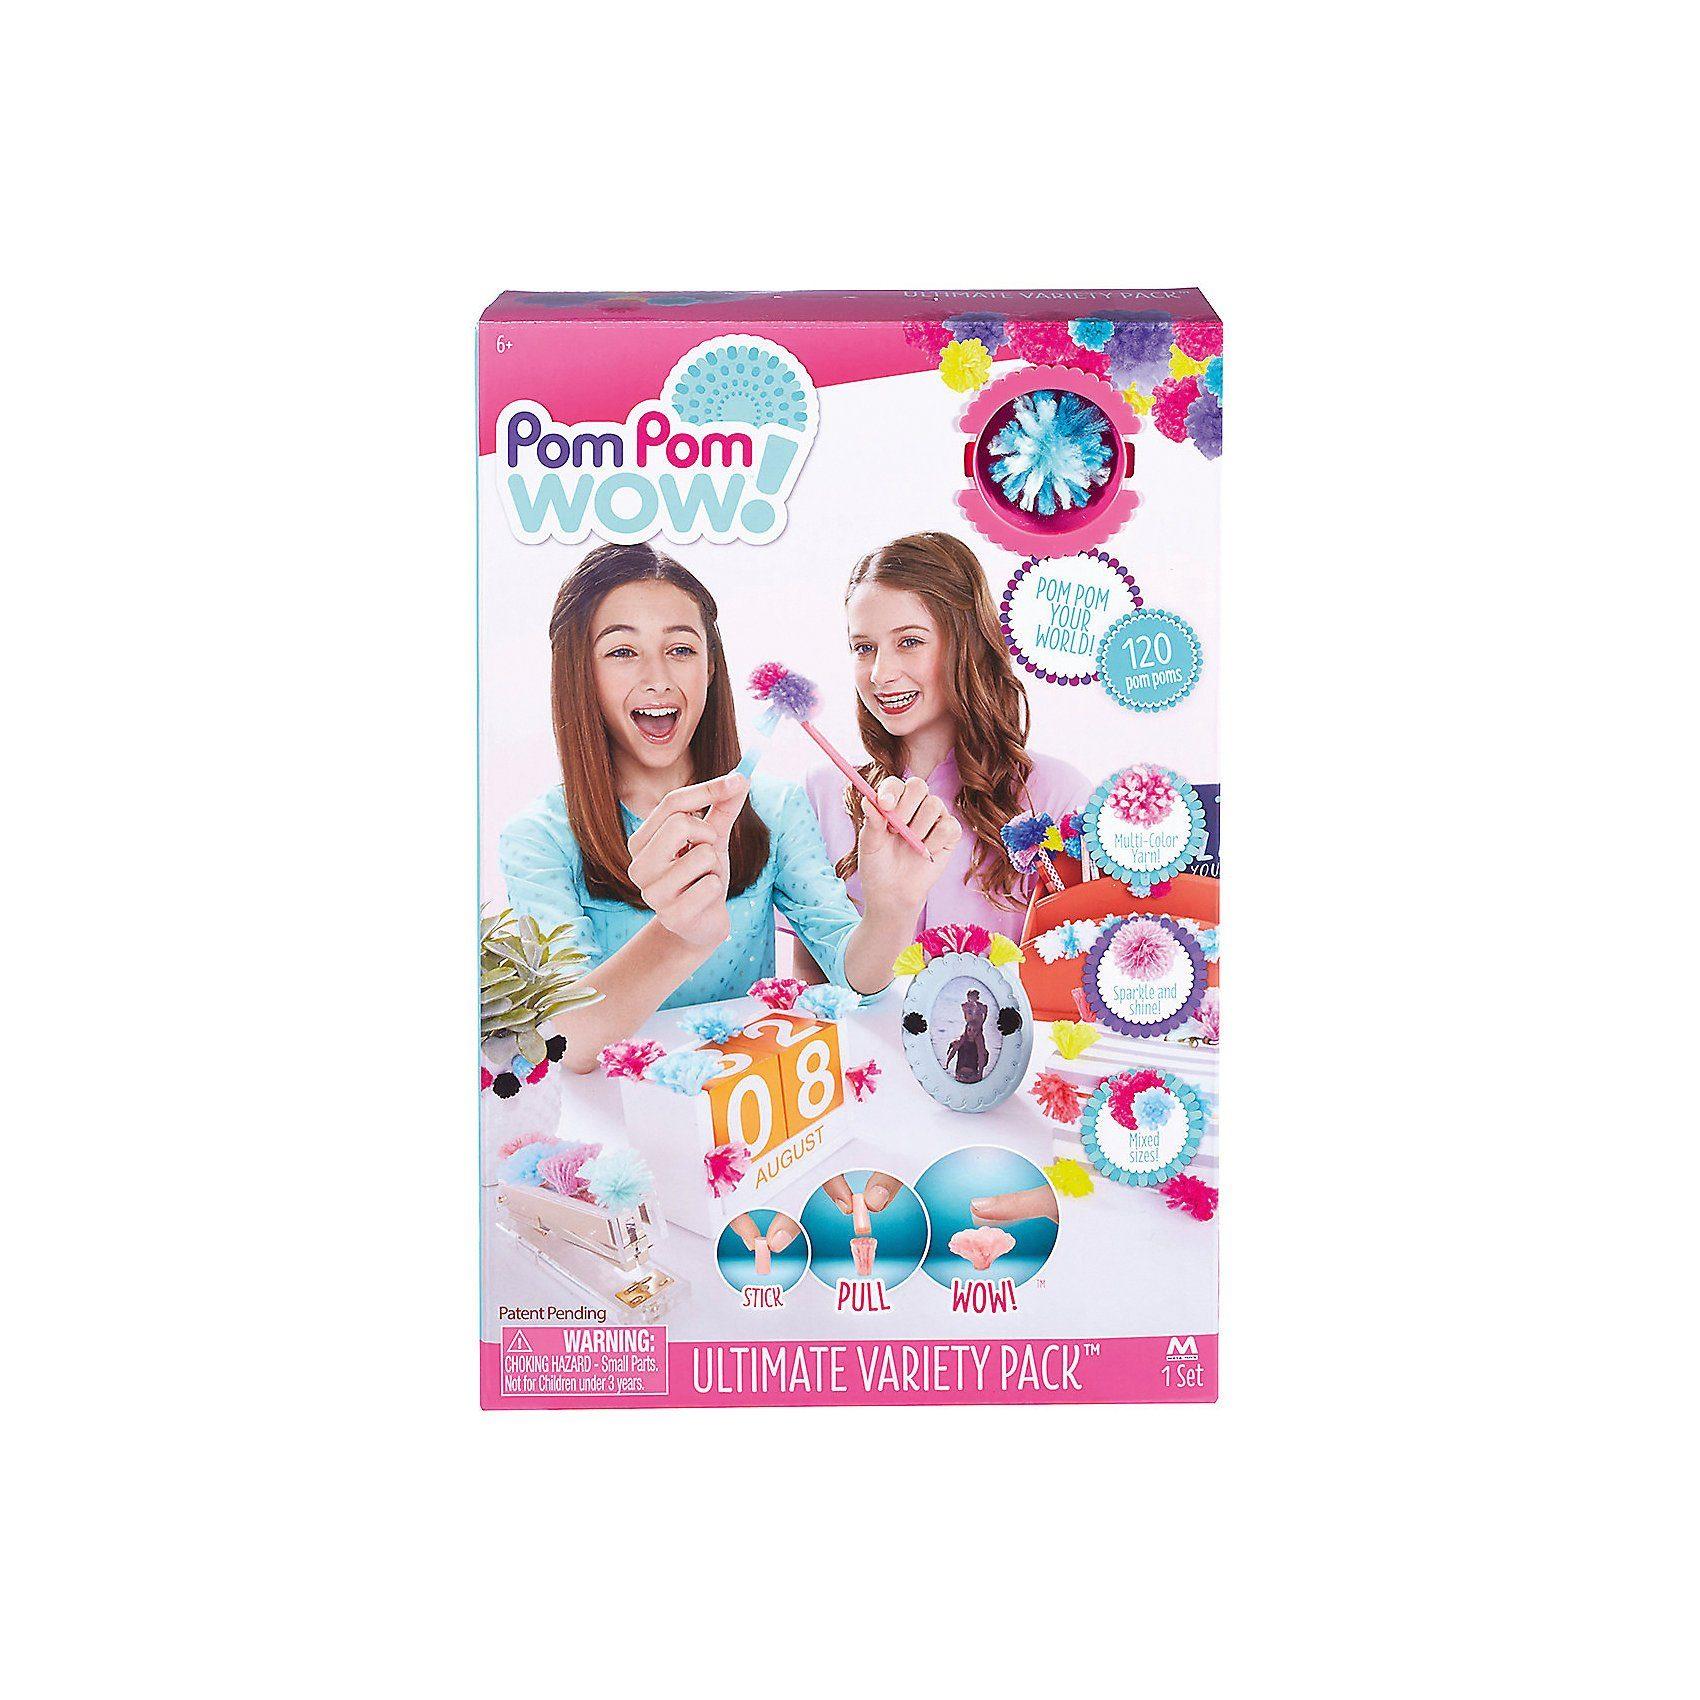 Pom Pom Wow - Ultimate Variety Pack